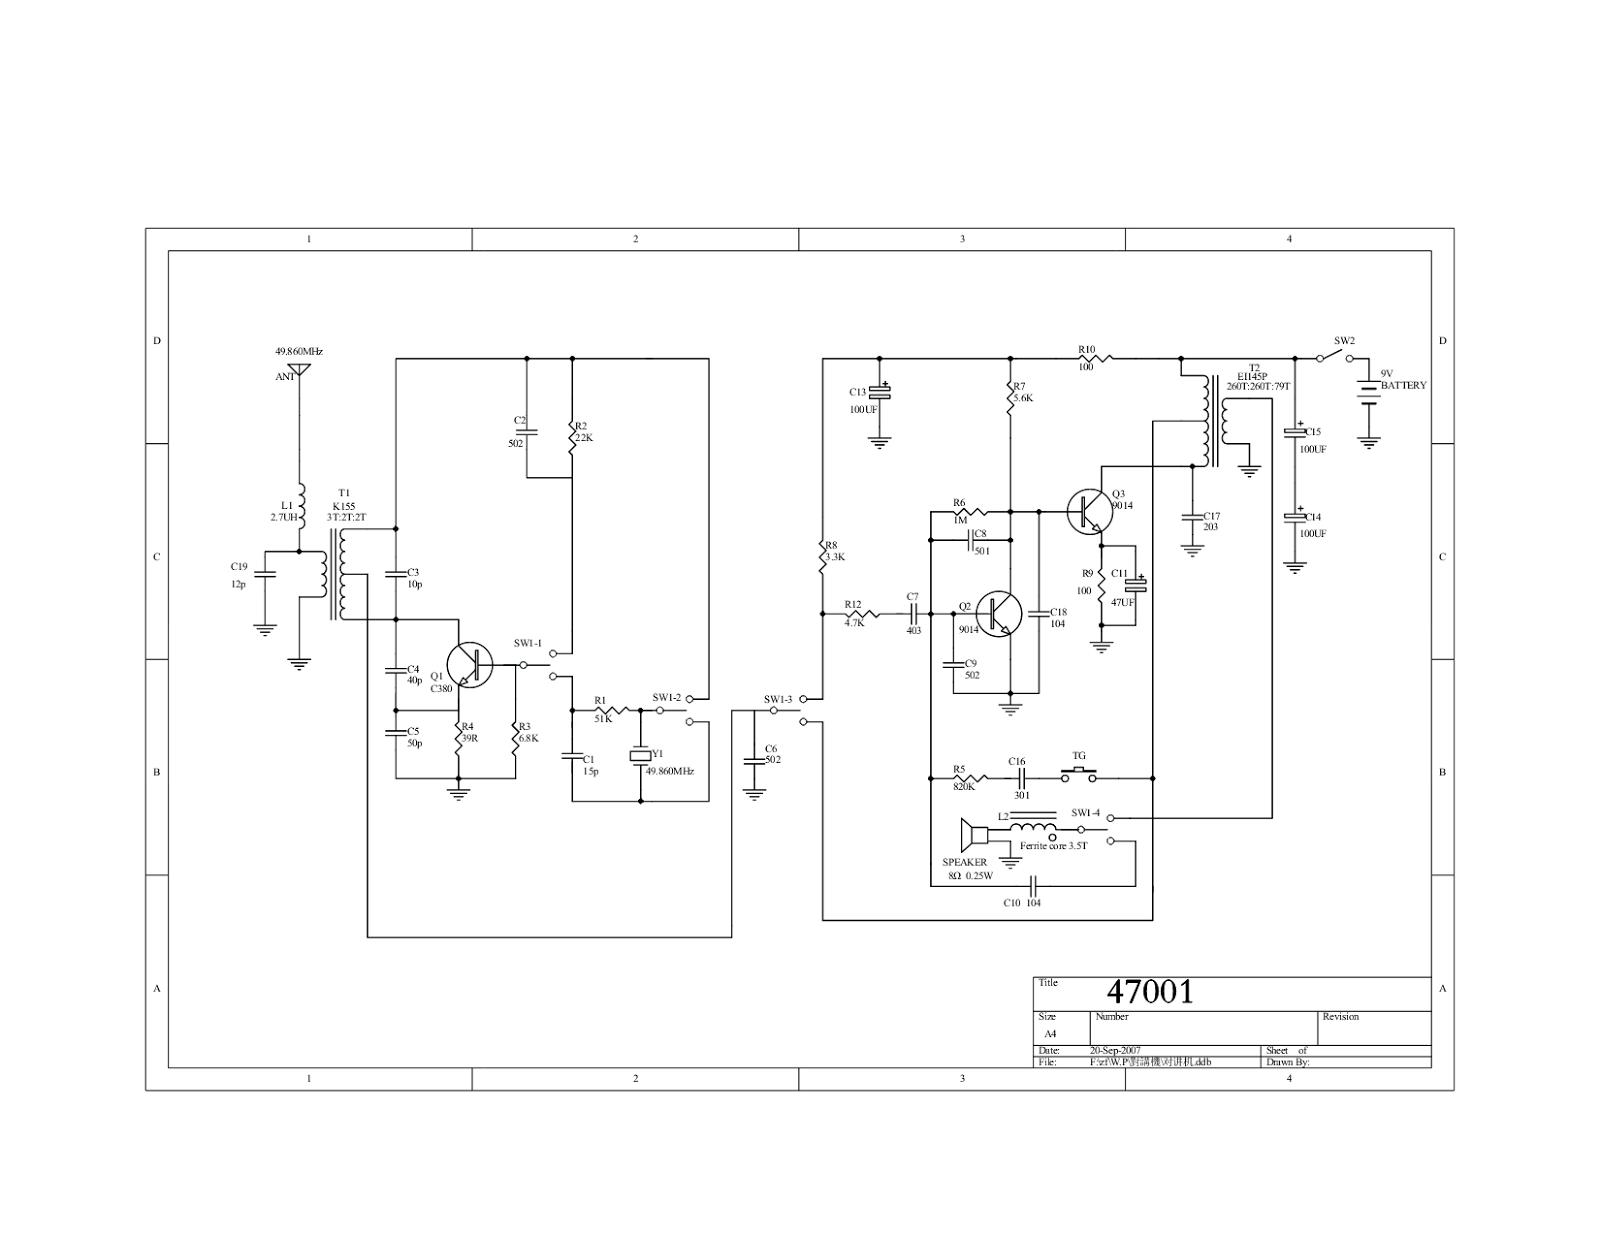 Simple Walkie Talkie Circuit Diagram Easy To Build